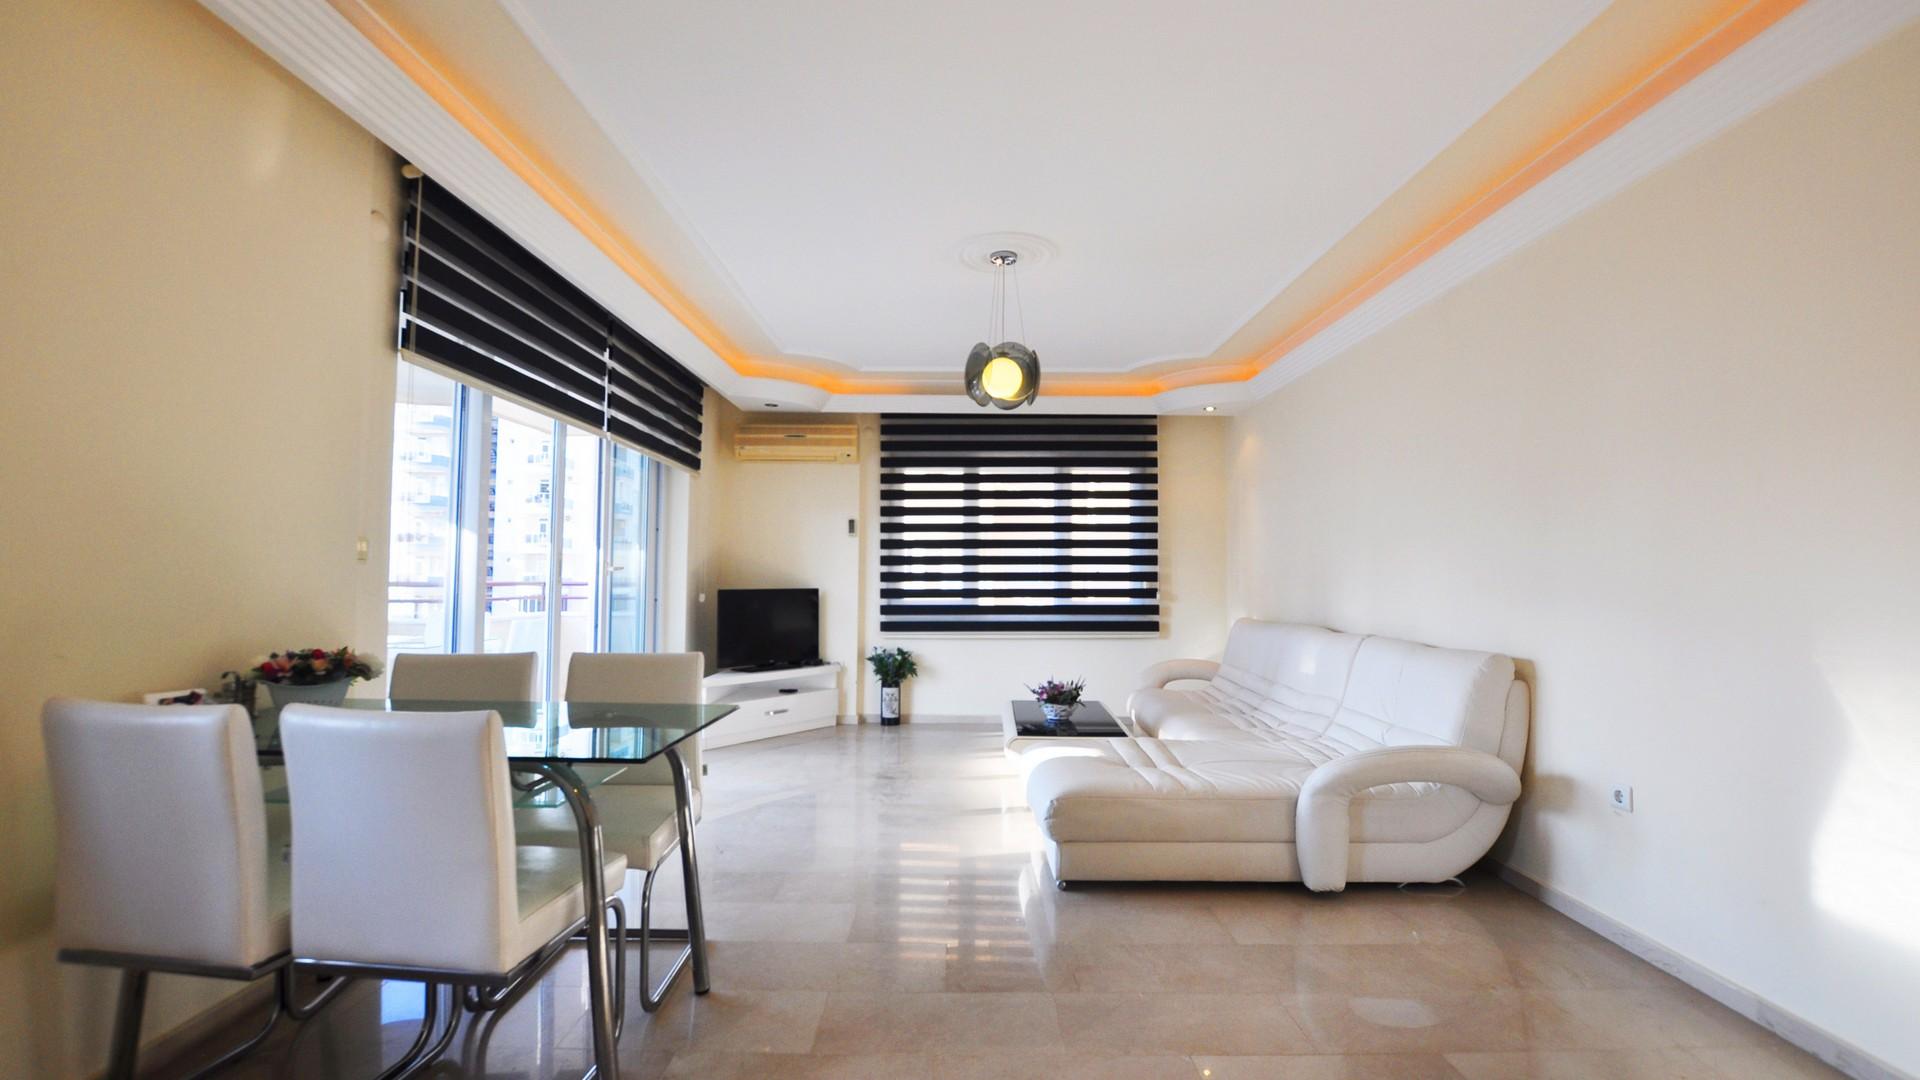 Меблированные апартаменты в Махмутлар - Фото 19